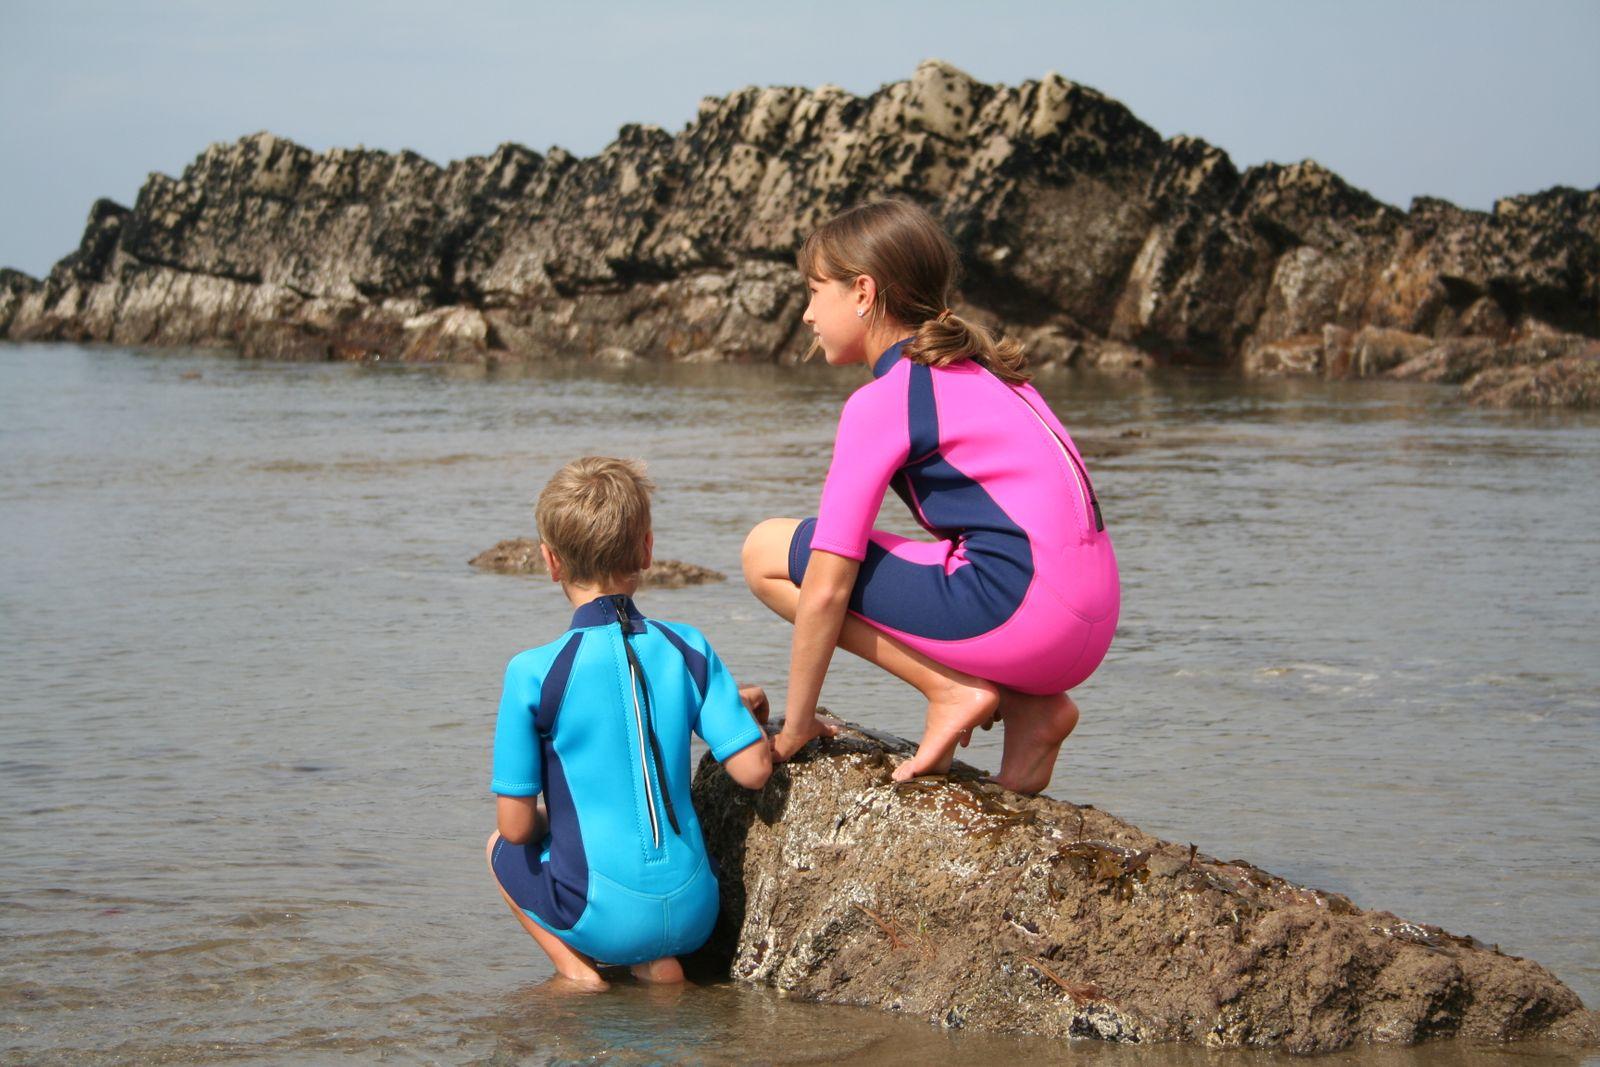 Konfidence Neoprenanzug für Kinder mit umfangreichem Schwimmratgeber – Bild 7